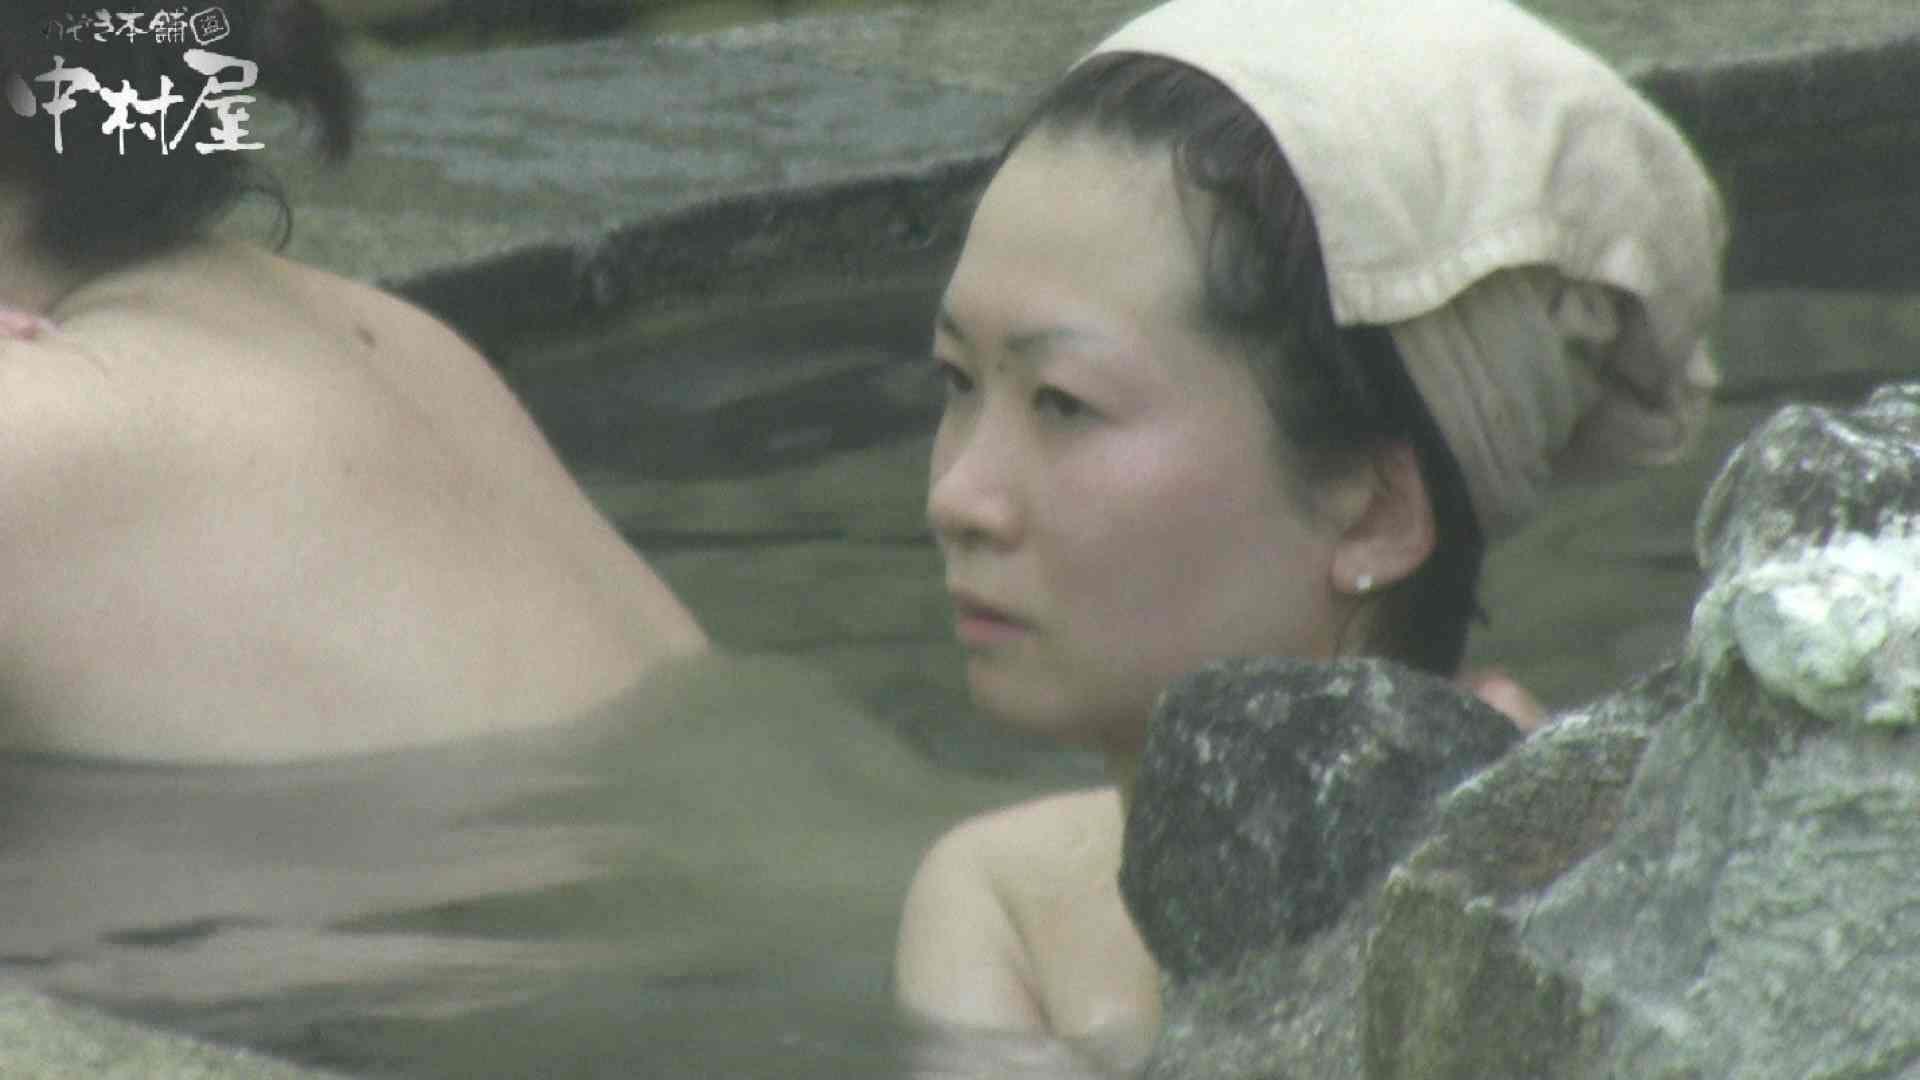 Aquaな露天風呂Vol.906 露天風呂  11枚 10